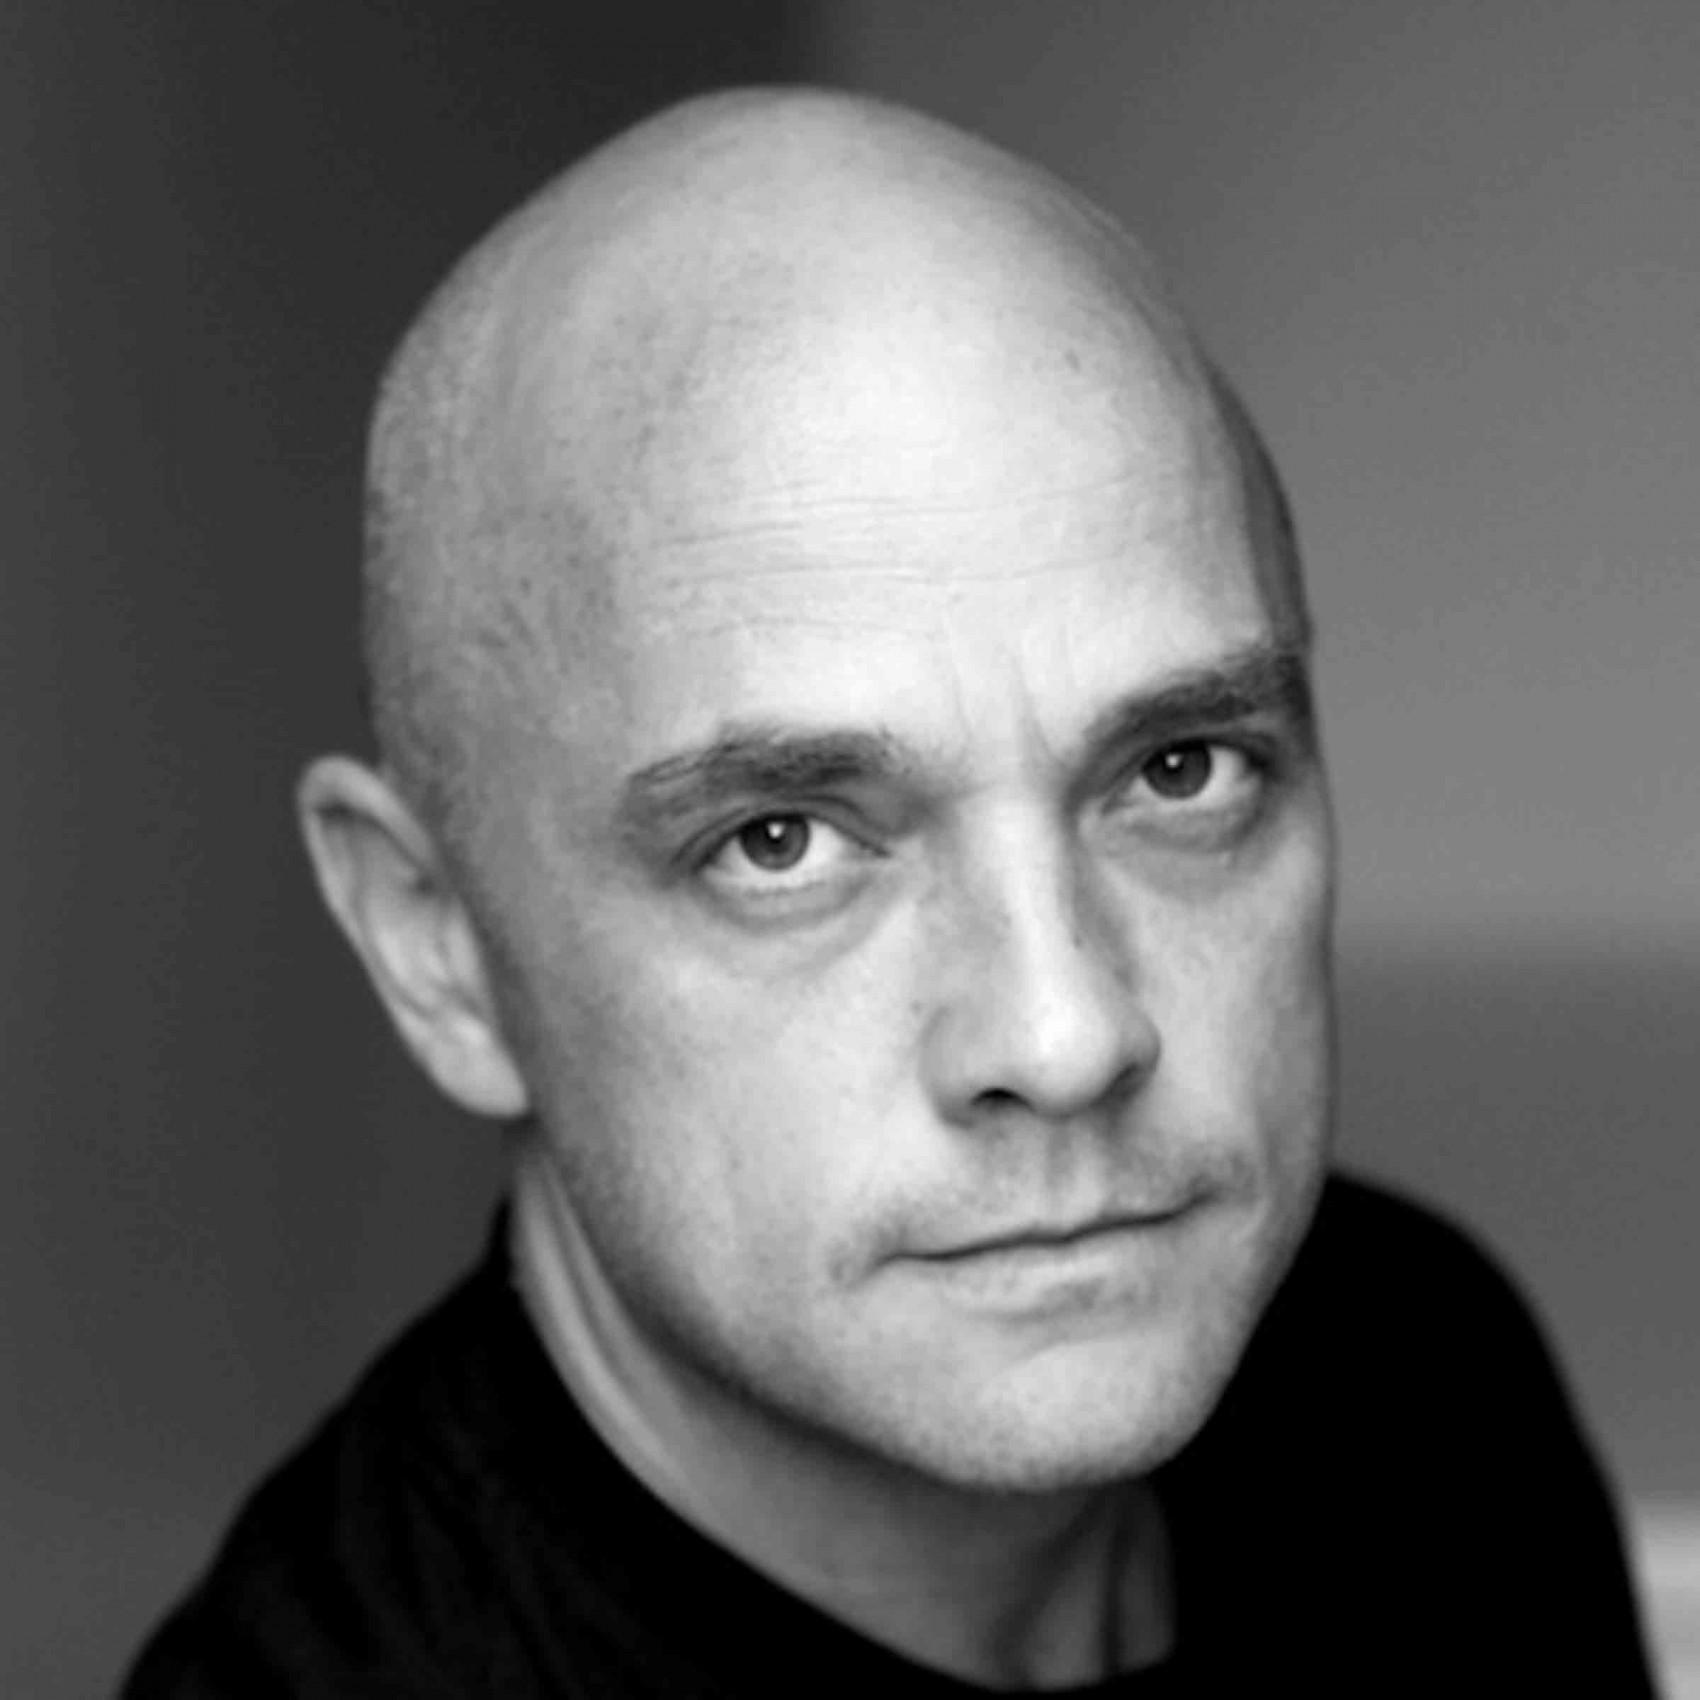 Daniel Schlusser